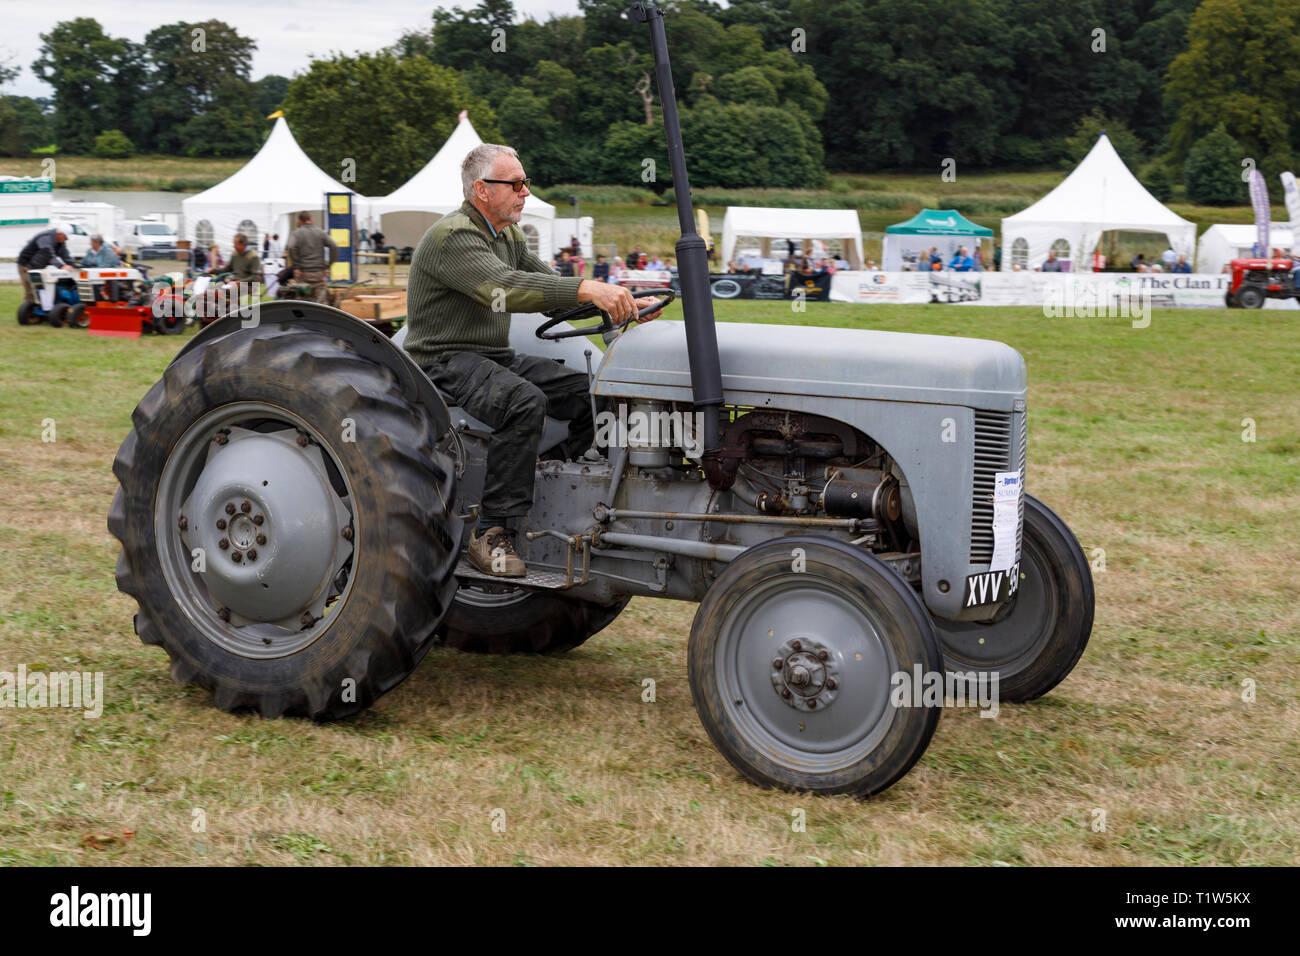 agricoltori che risalgono al Regno Unito pubblicità e matchmaking FFX 2